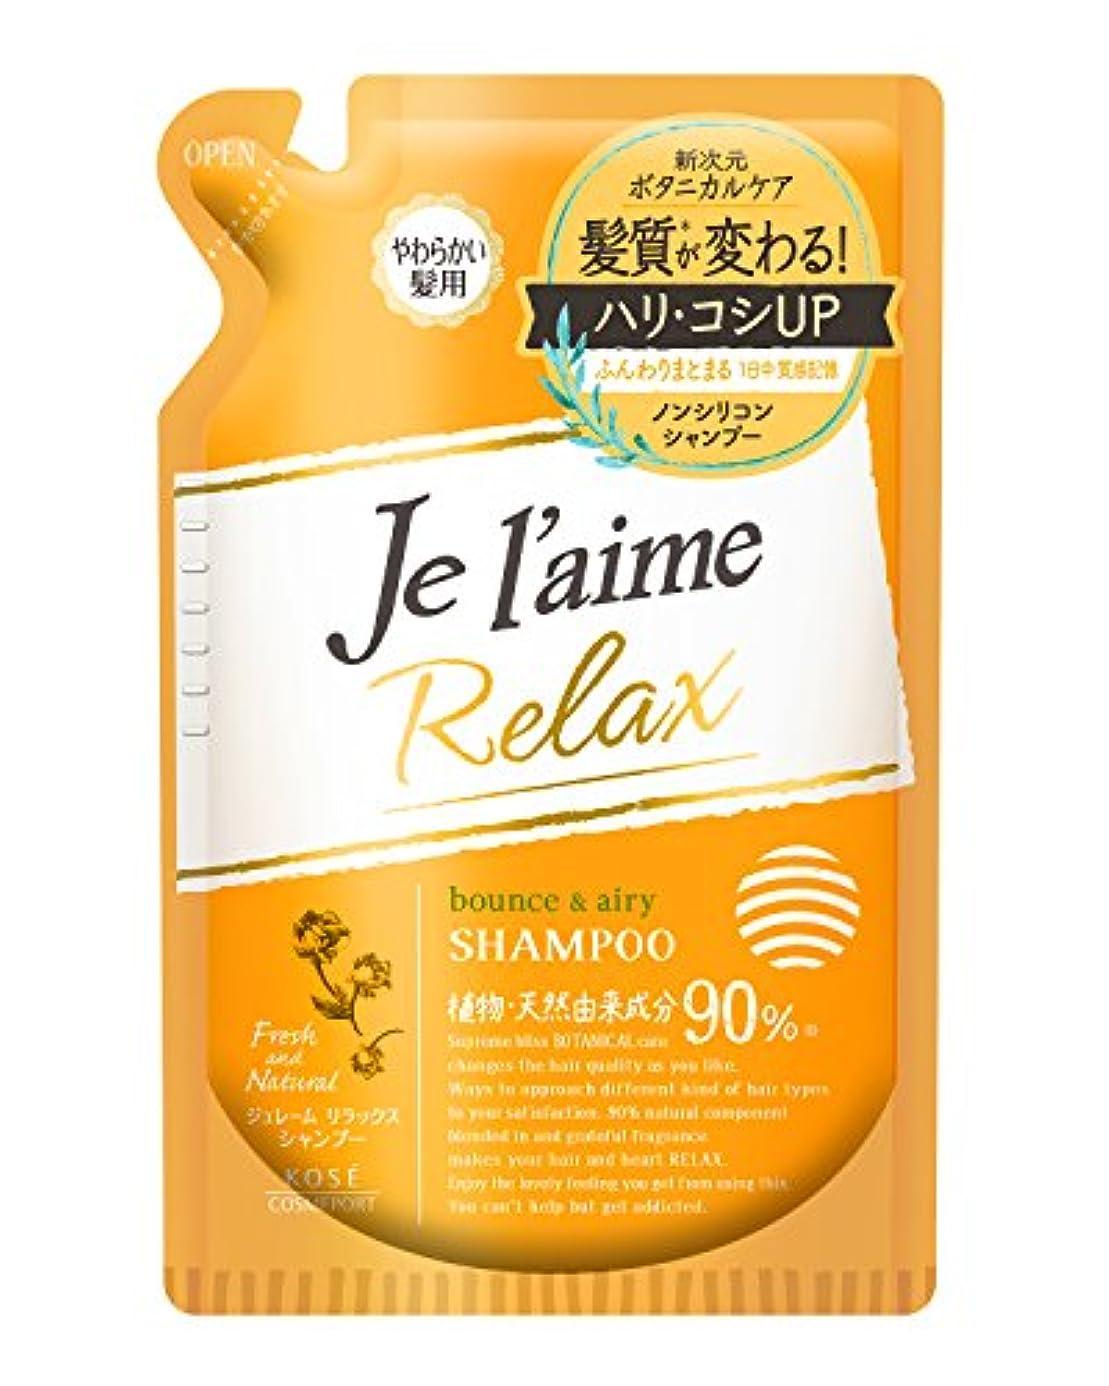 粘着性お風呂を持っている食用KOSE コーセー ジュレーム リラックス シャンプー ノンシリコン ボタニカル ケア (バウンス & エアリー) やわらかい髪用 つめかえ 400mL